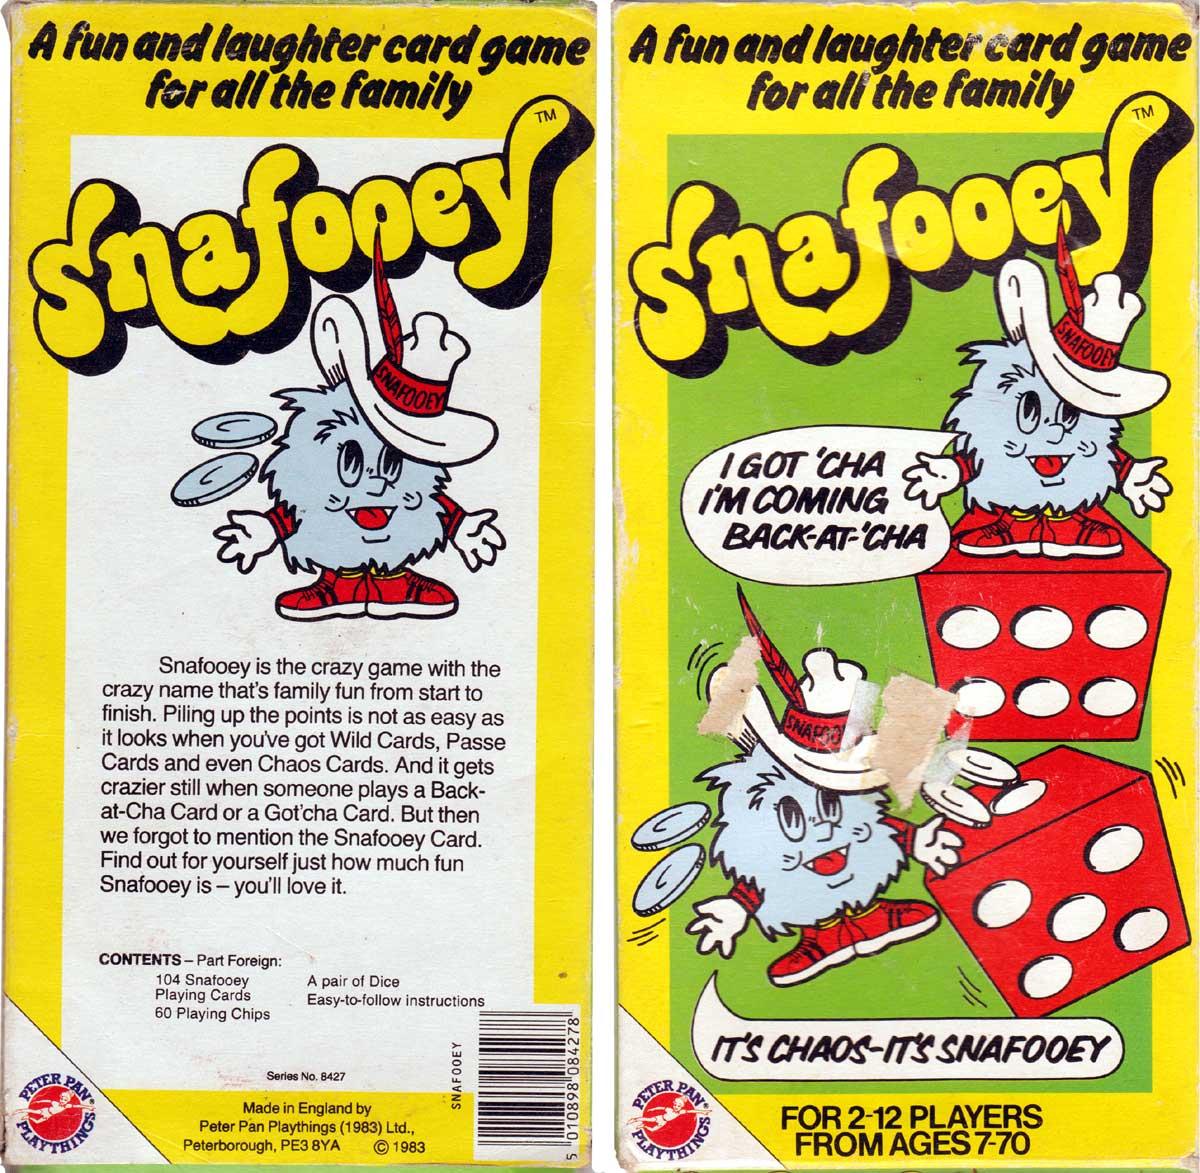 Snafooey card game by Peter Pan Playthings Ltd, Peterborough, 1983